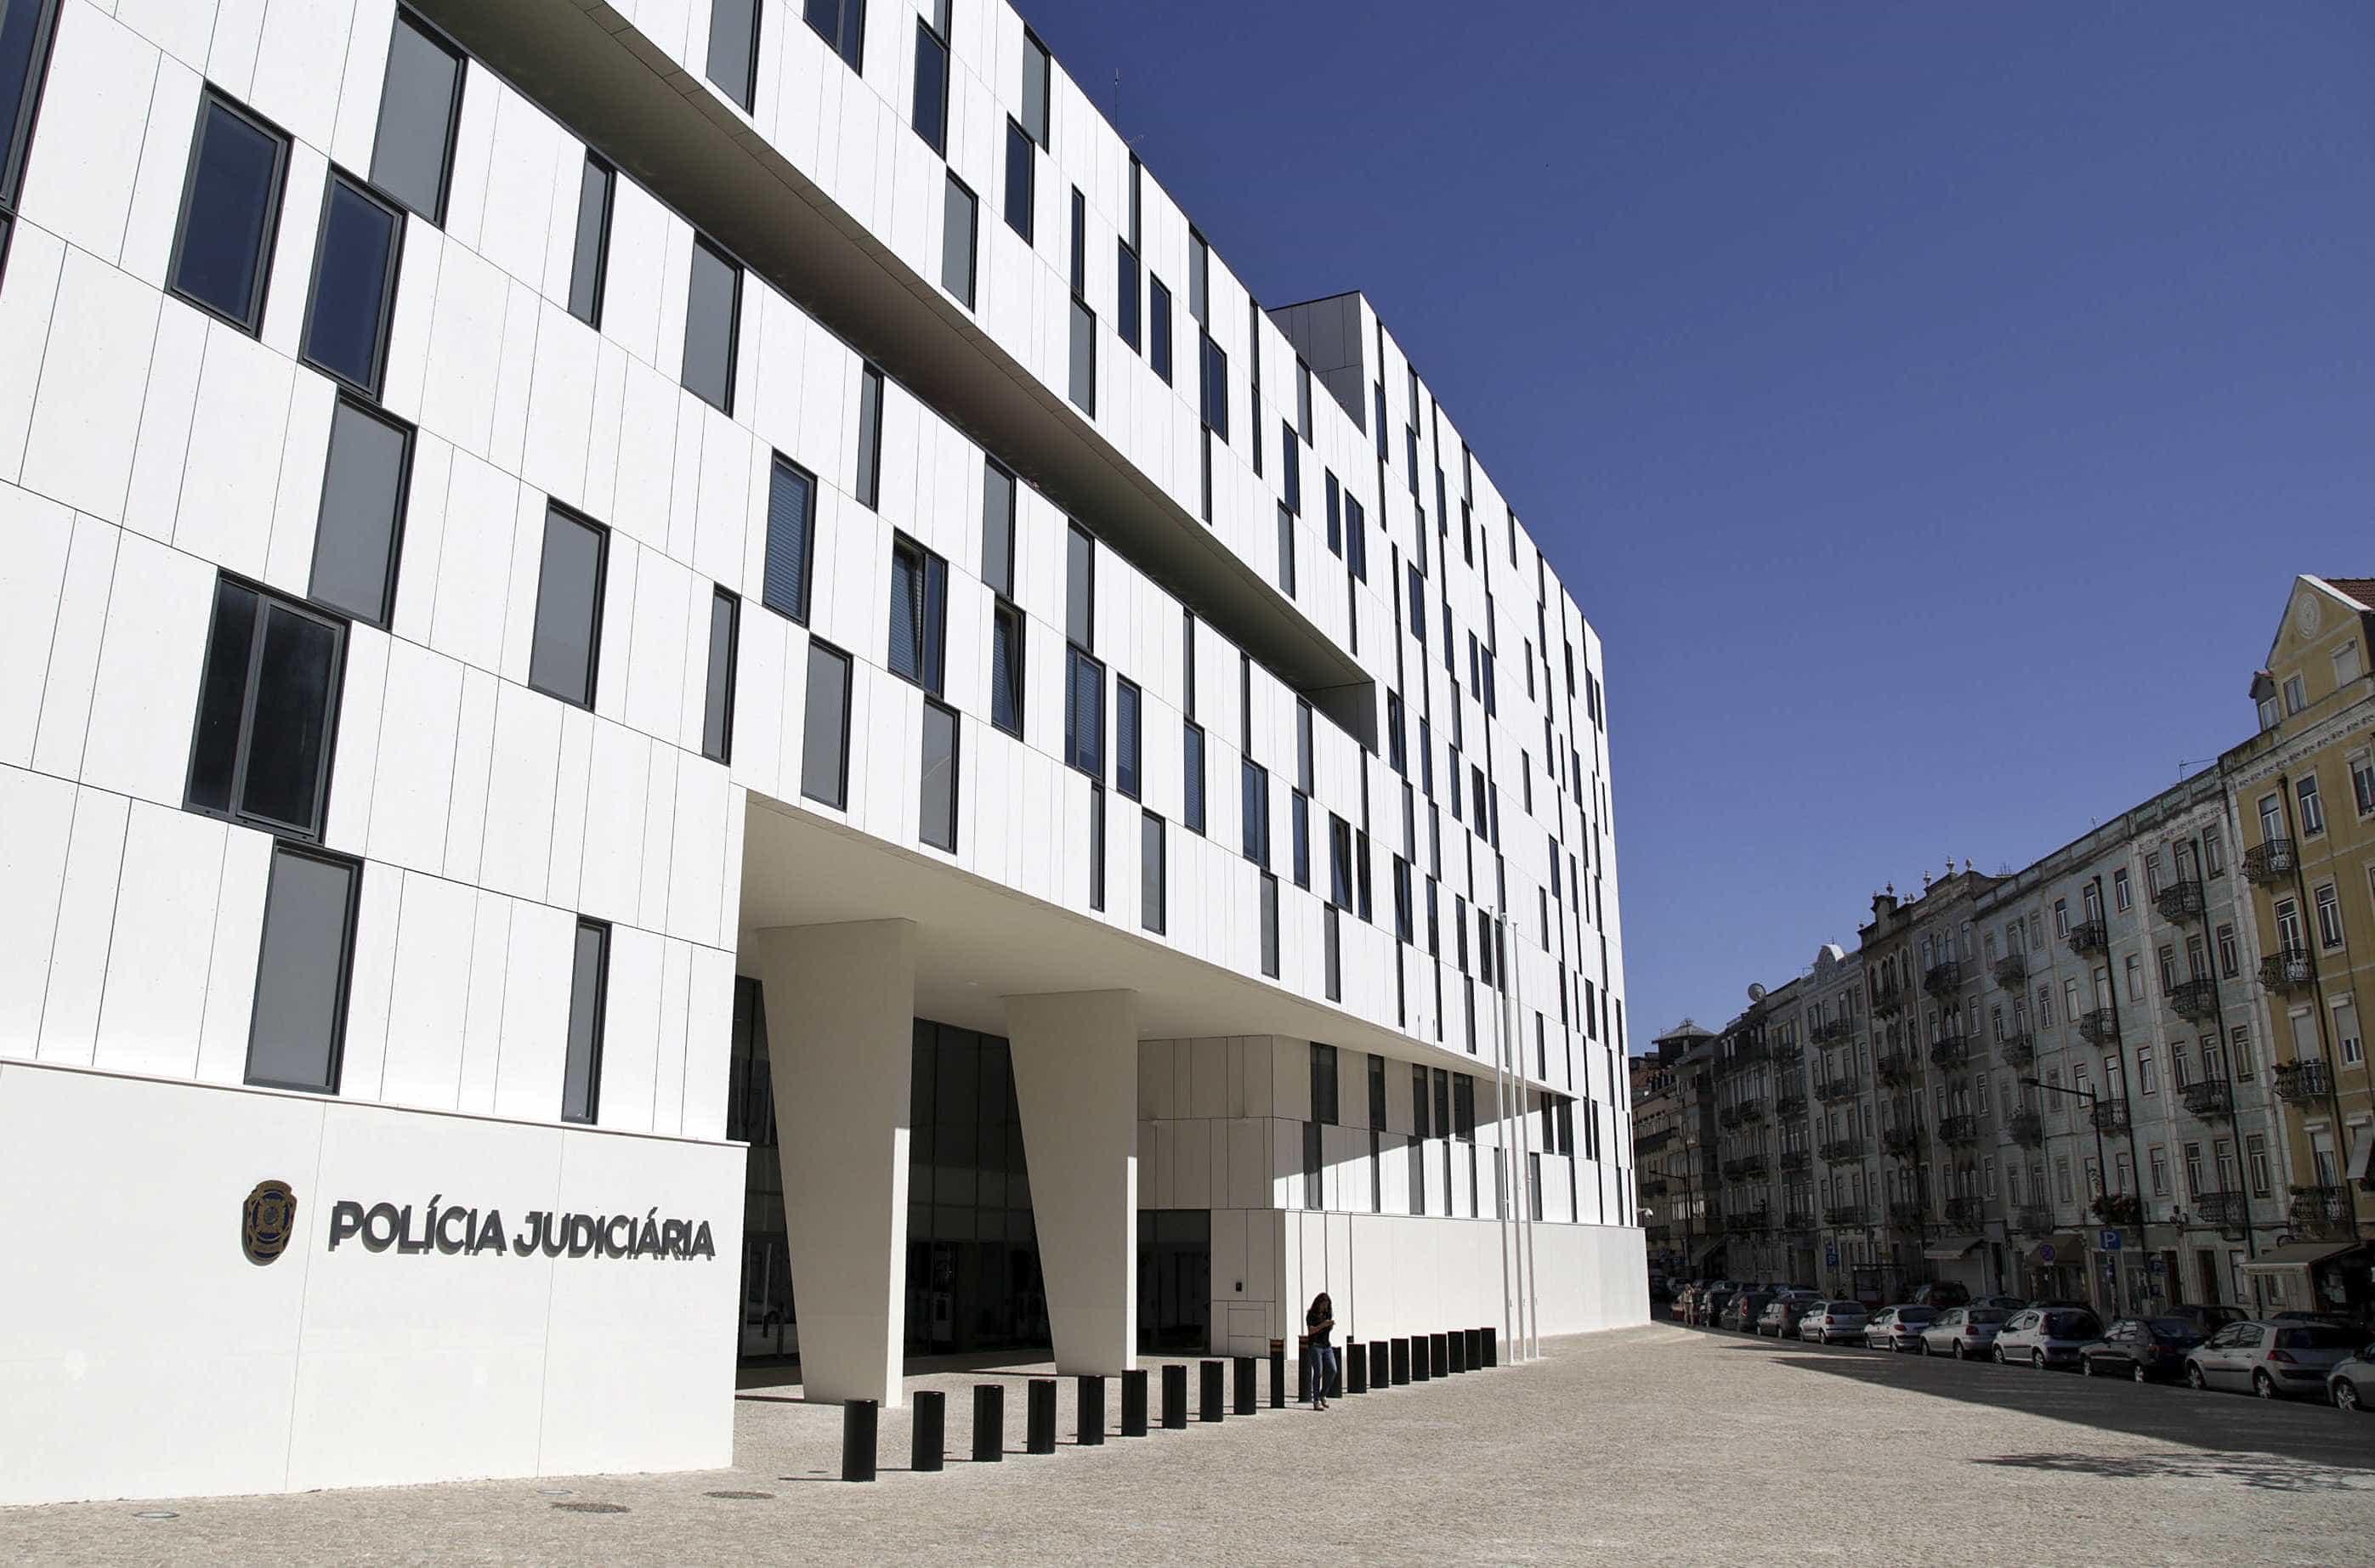 Narcotraficante português Franquelim Pereira Lobo detido em Espanha